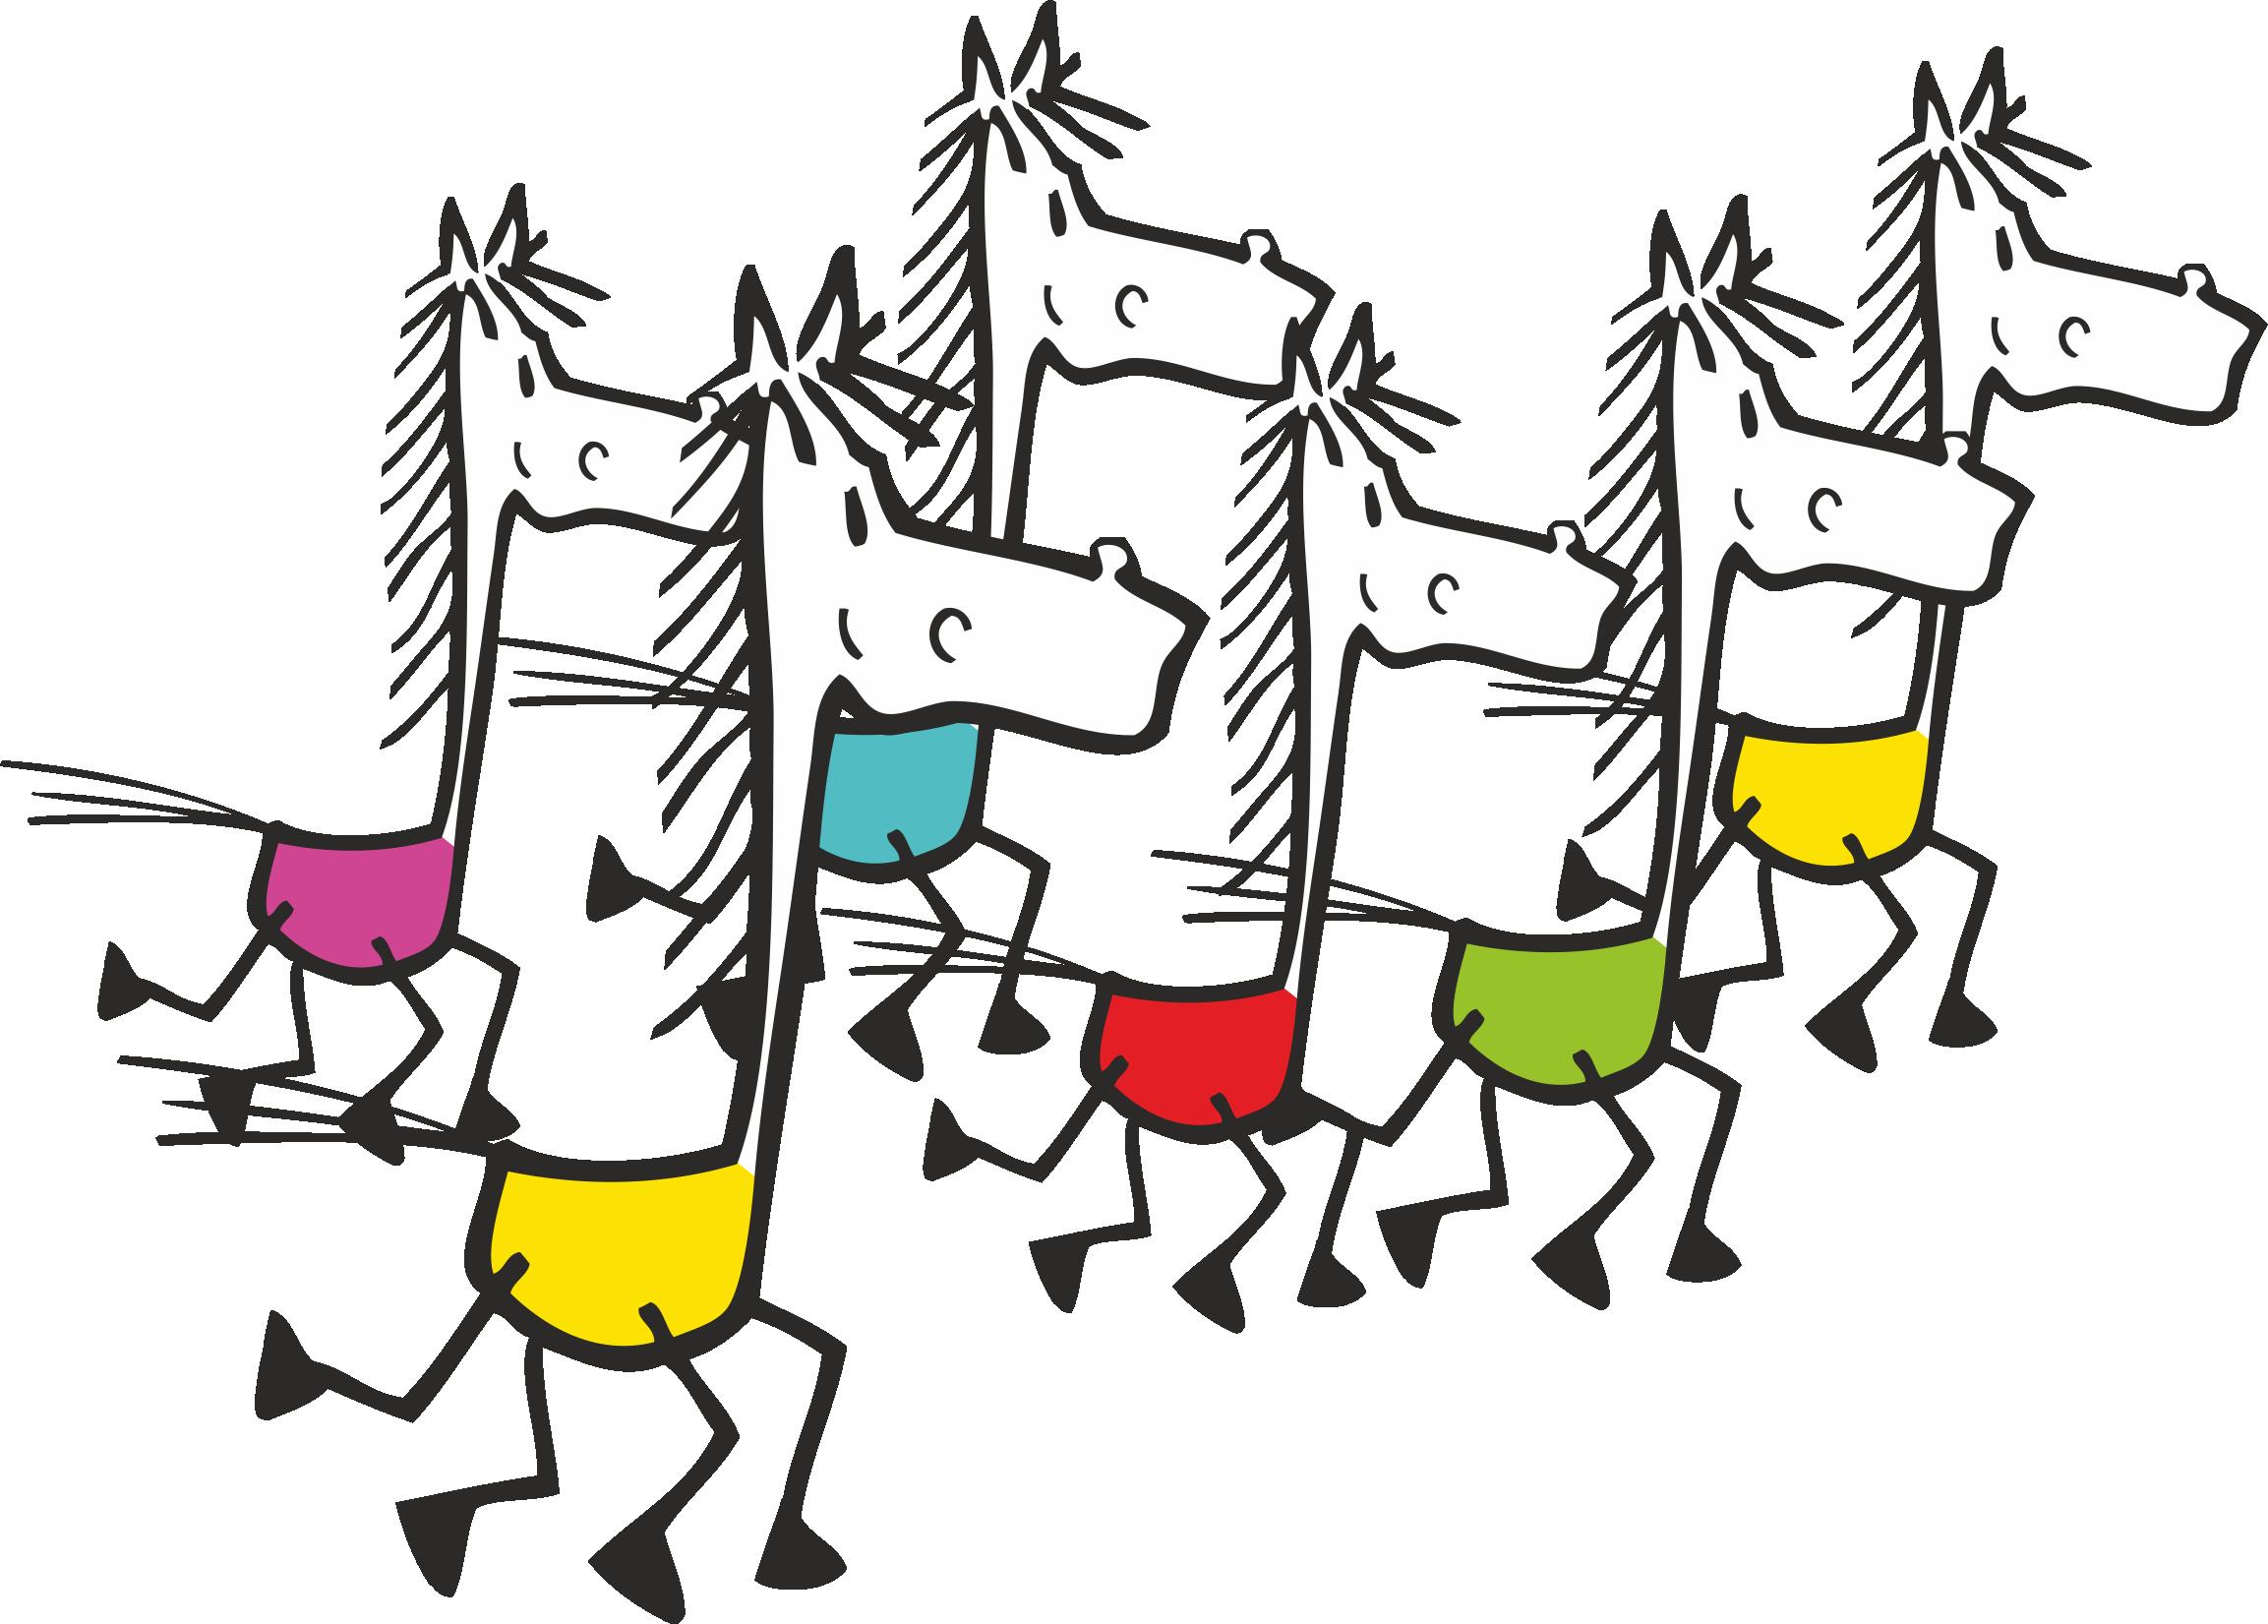 konie w grupie.png [422 KB]